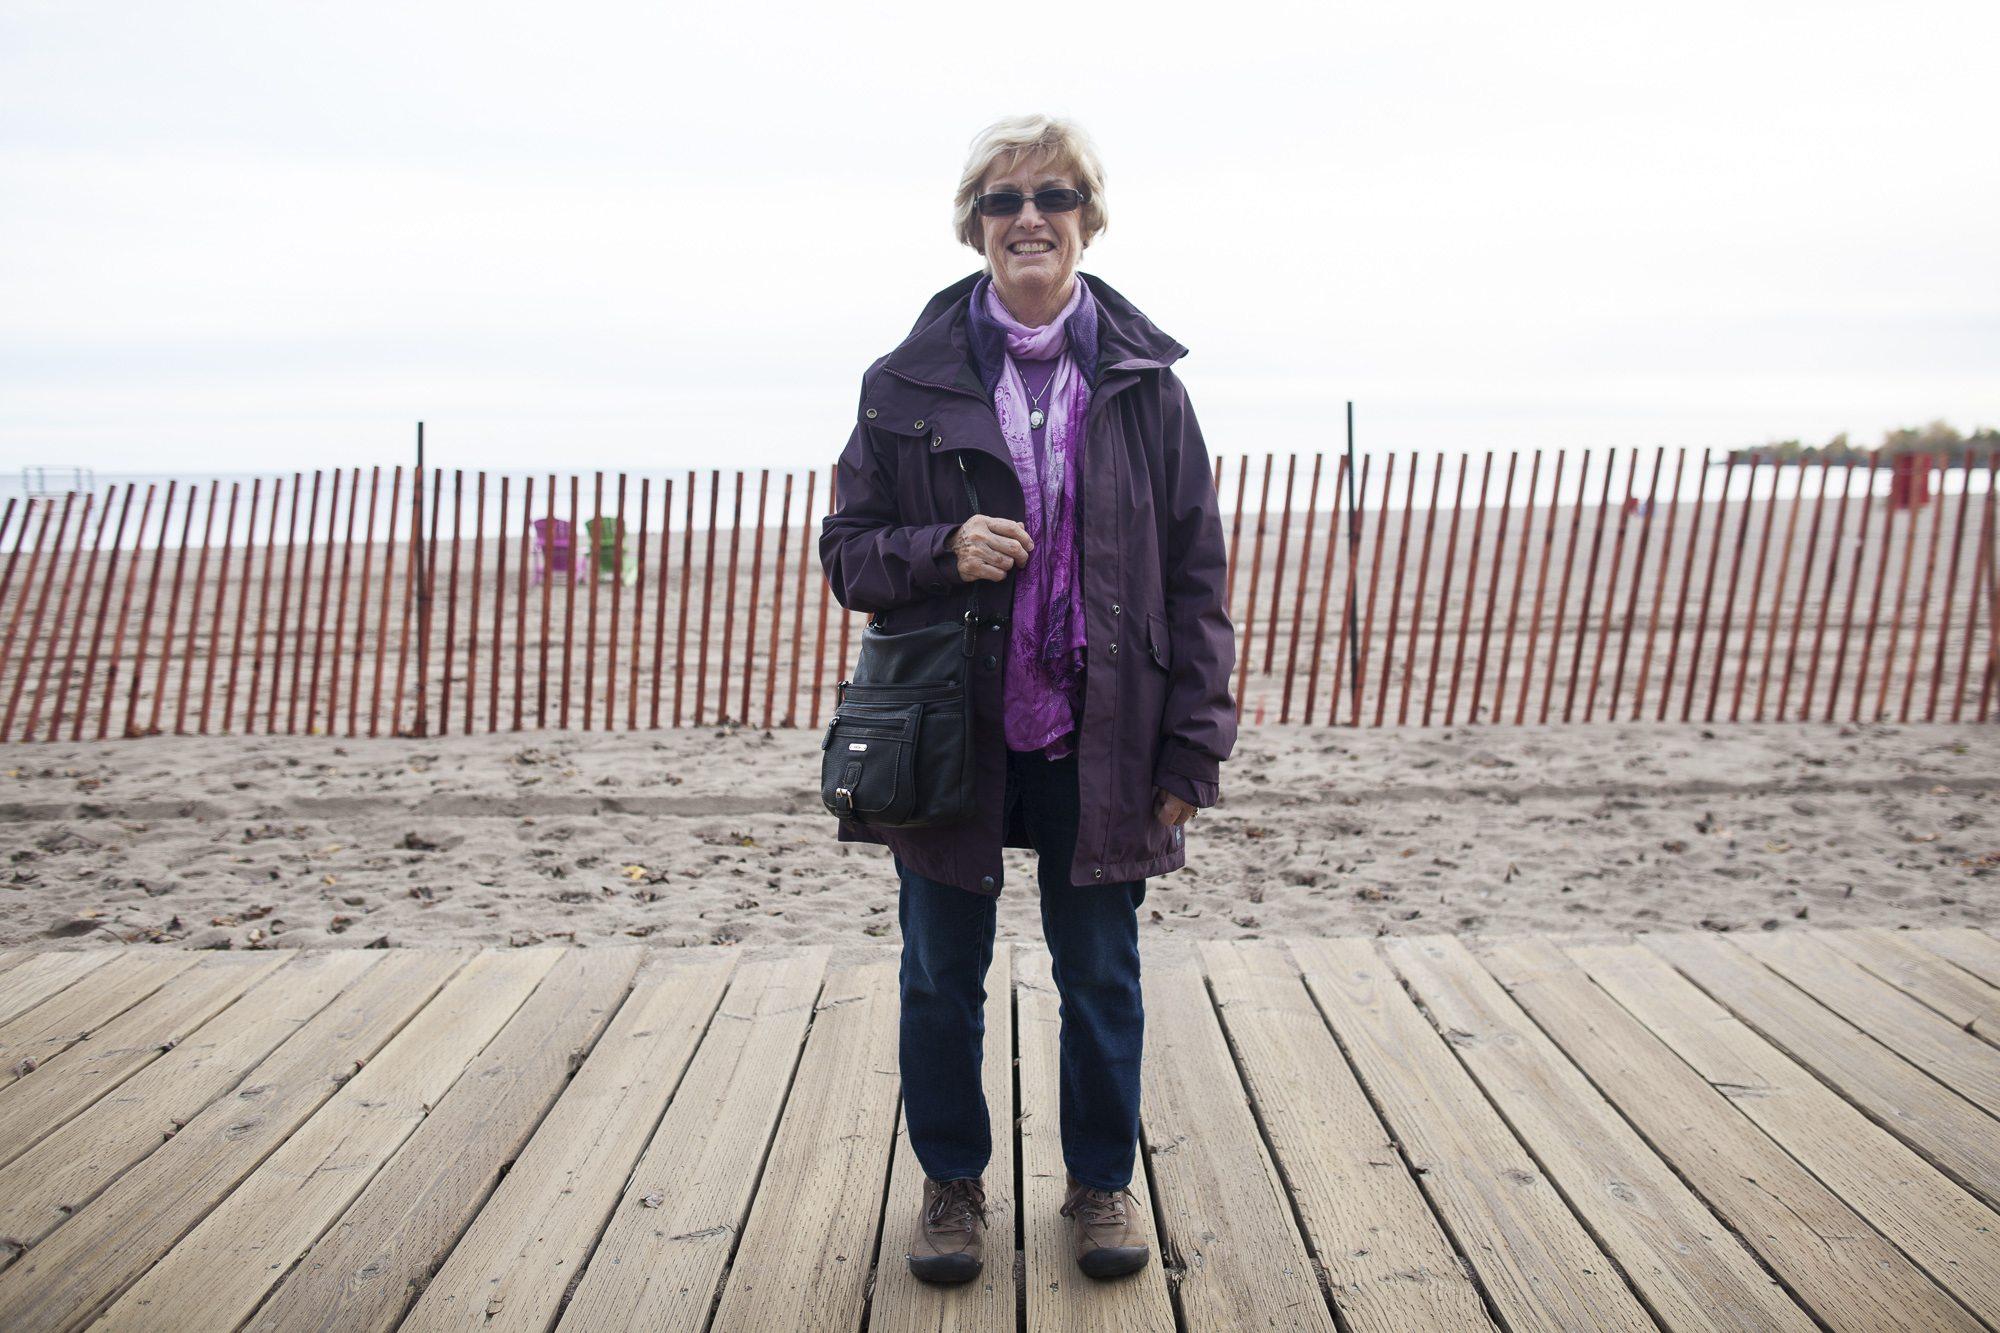 Beaches-Valerie-Todd